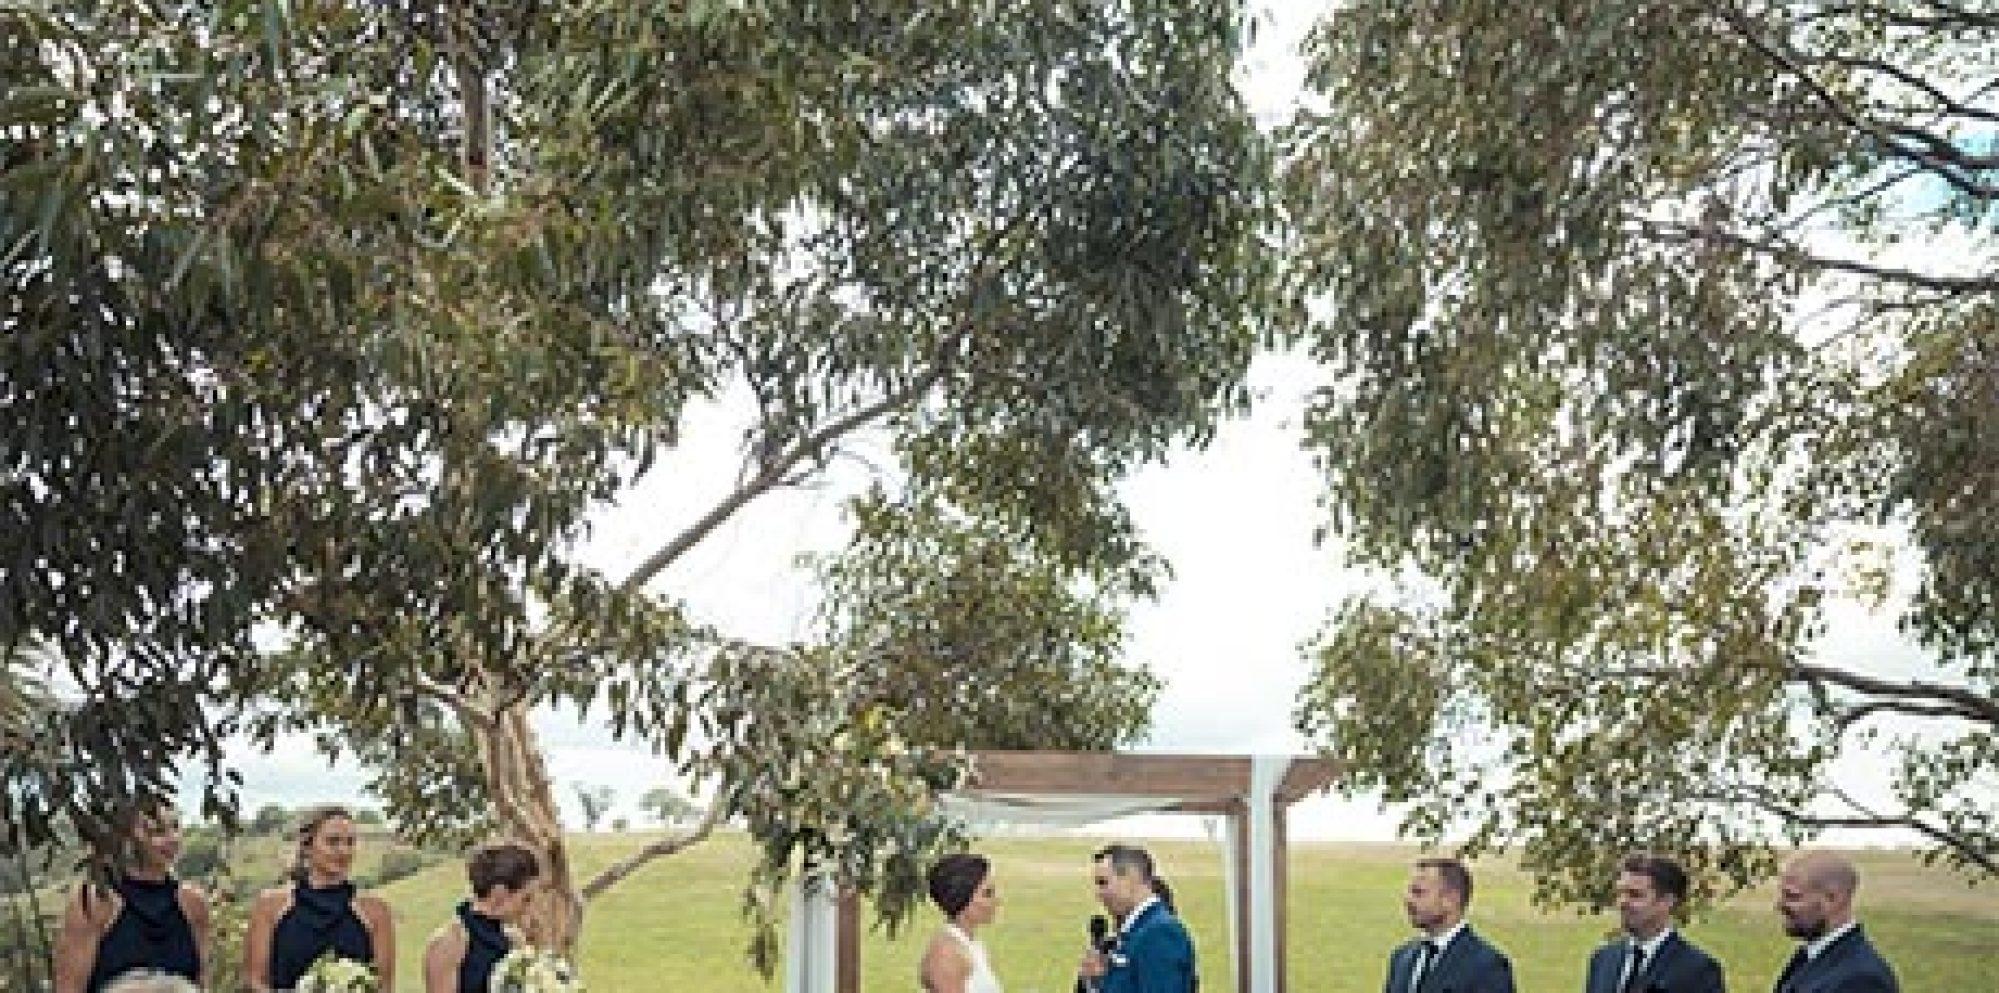 Matt & krystal | warrawong woolshed wedding video